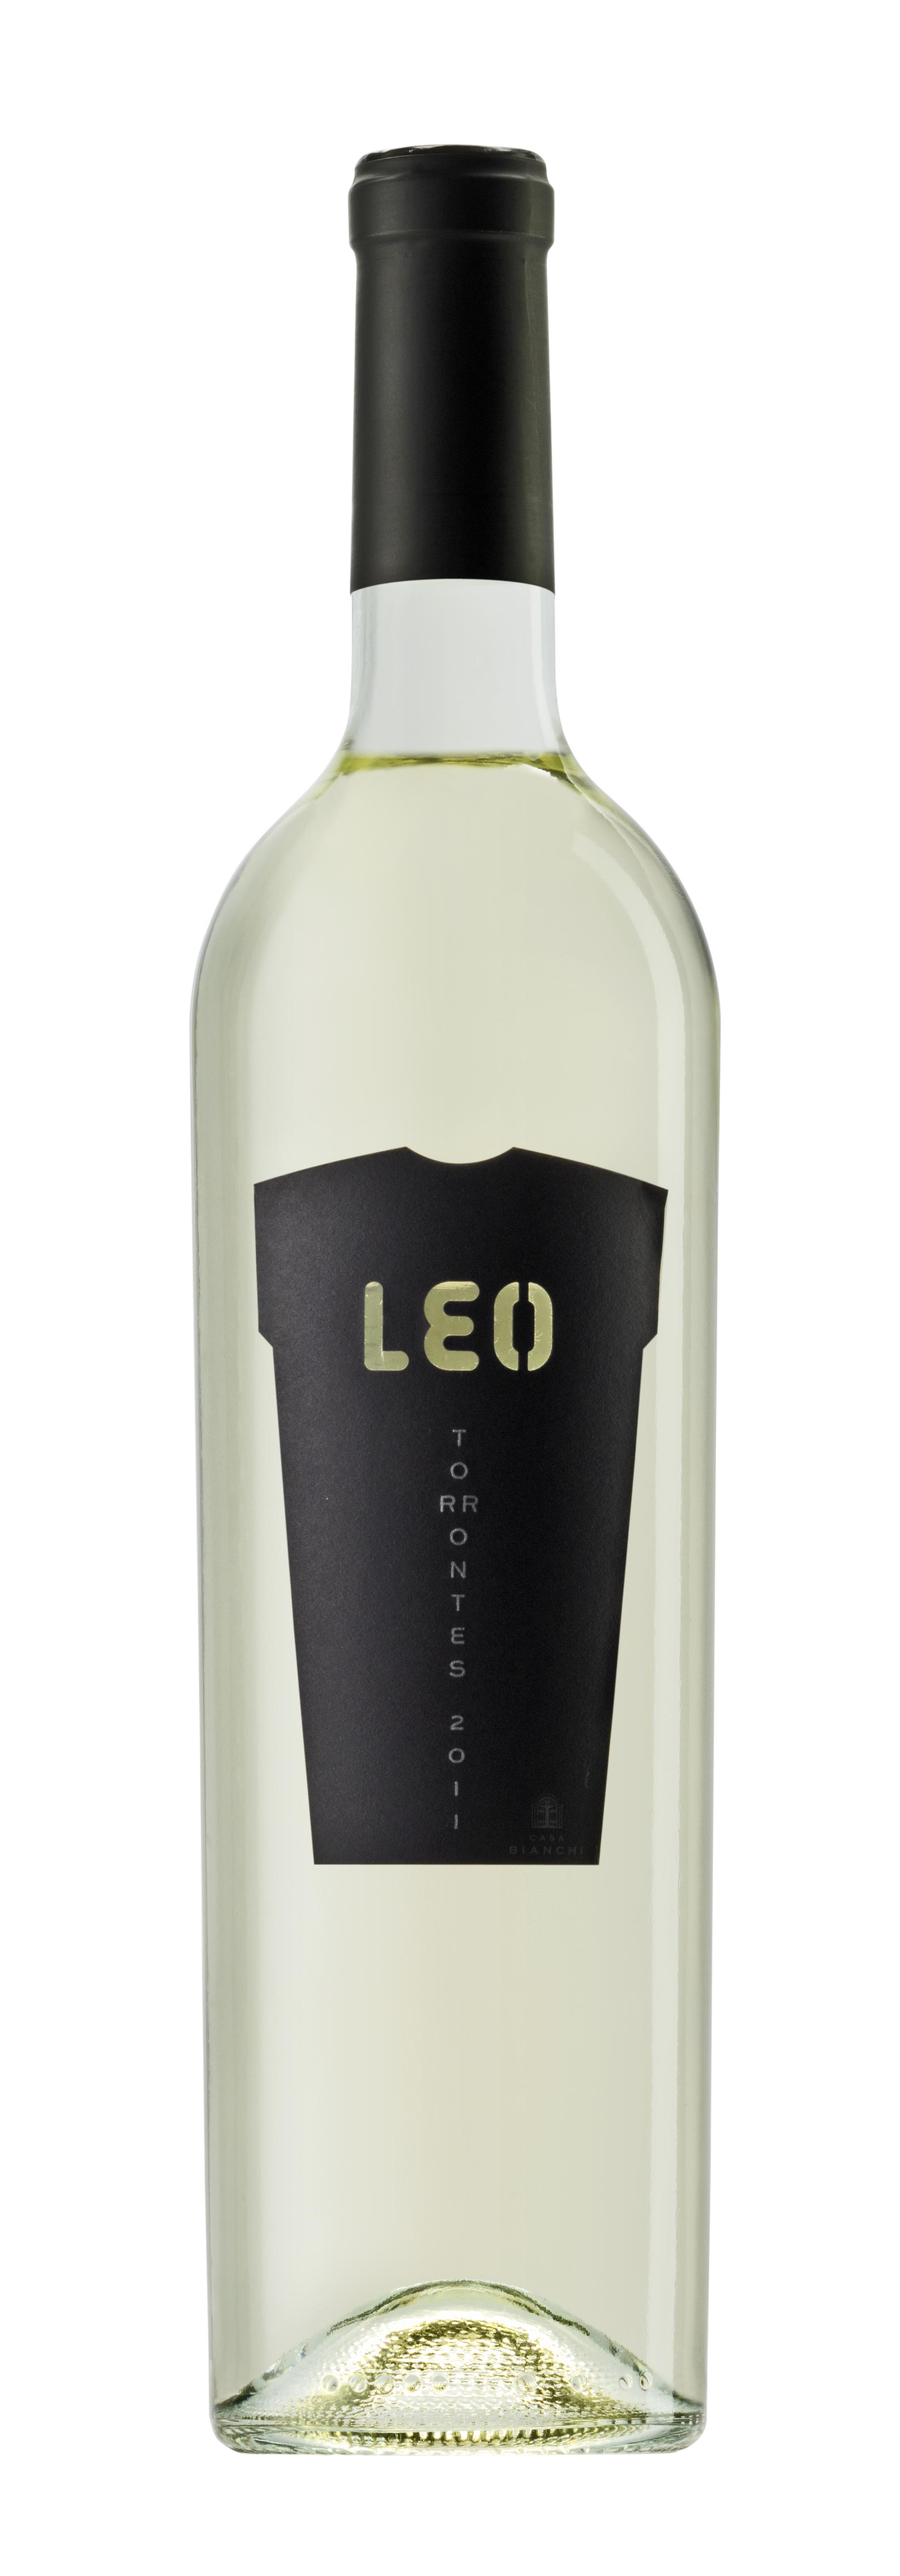 Leo_Torrontes_Bottle